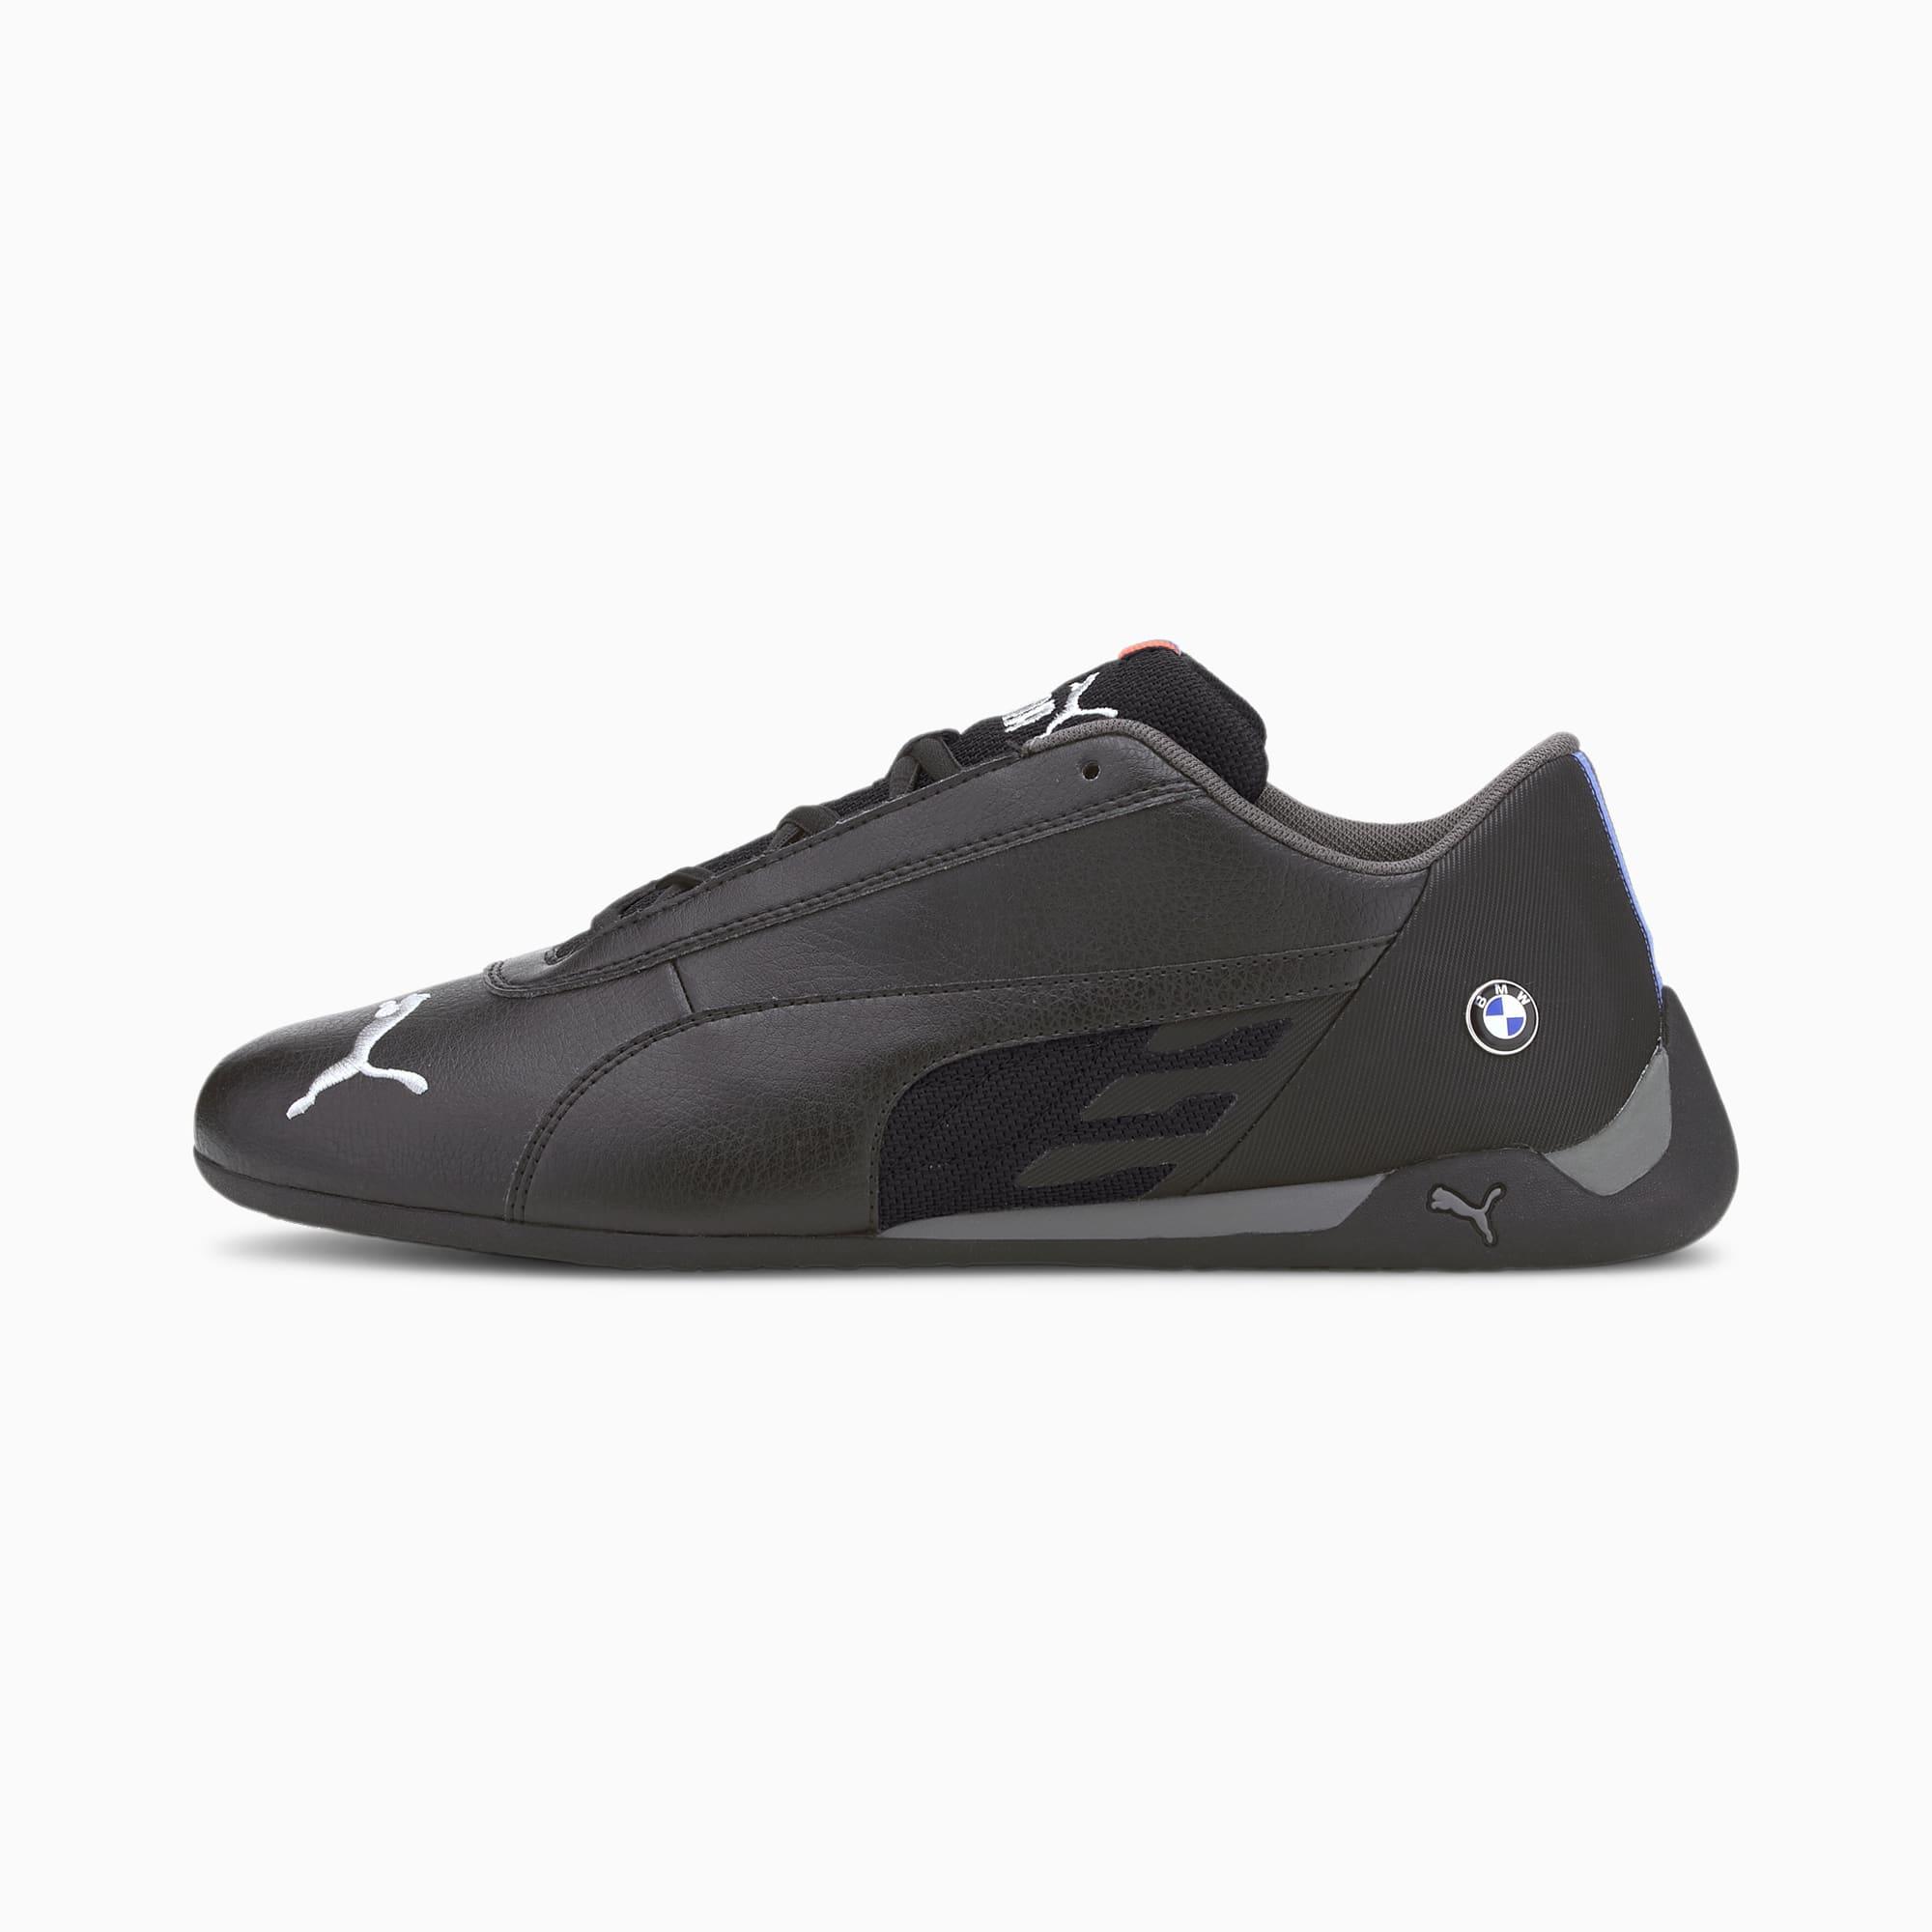 PUMA Chaussure de course BMW M Motorsport R-Cat, Noir, Taille 48.5, Vêtements